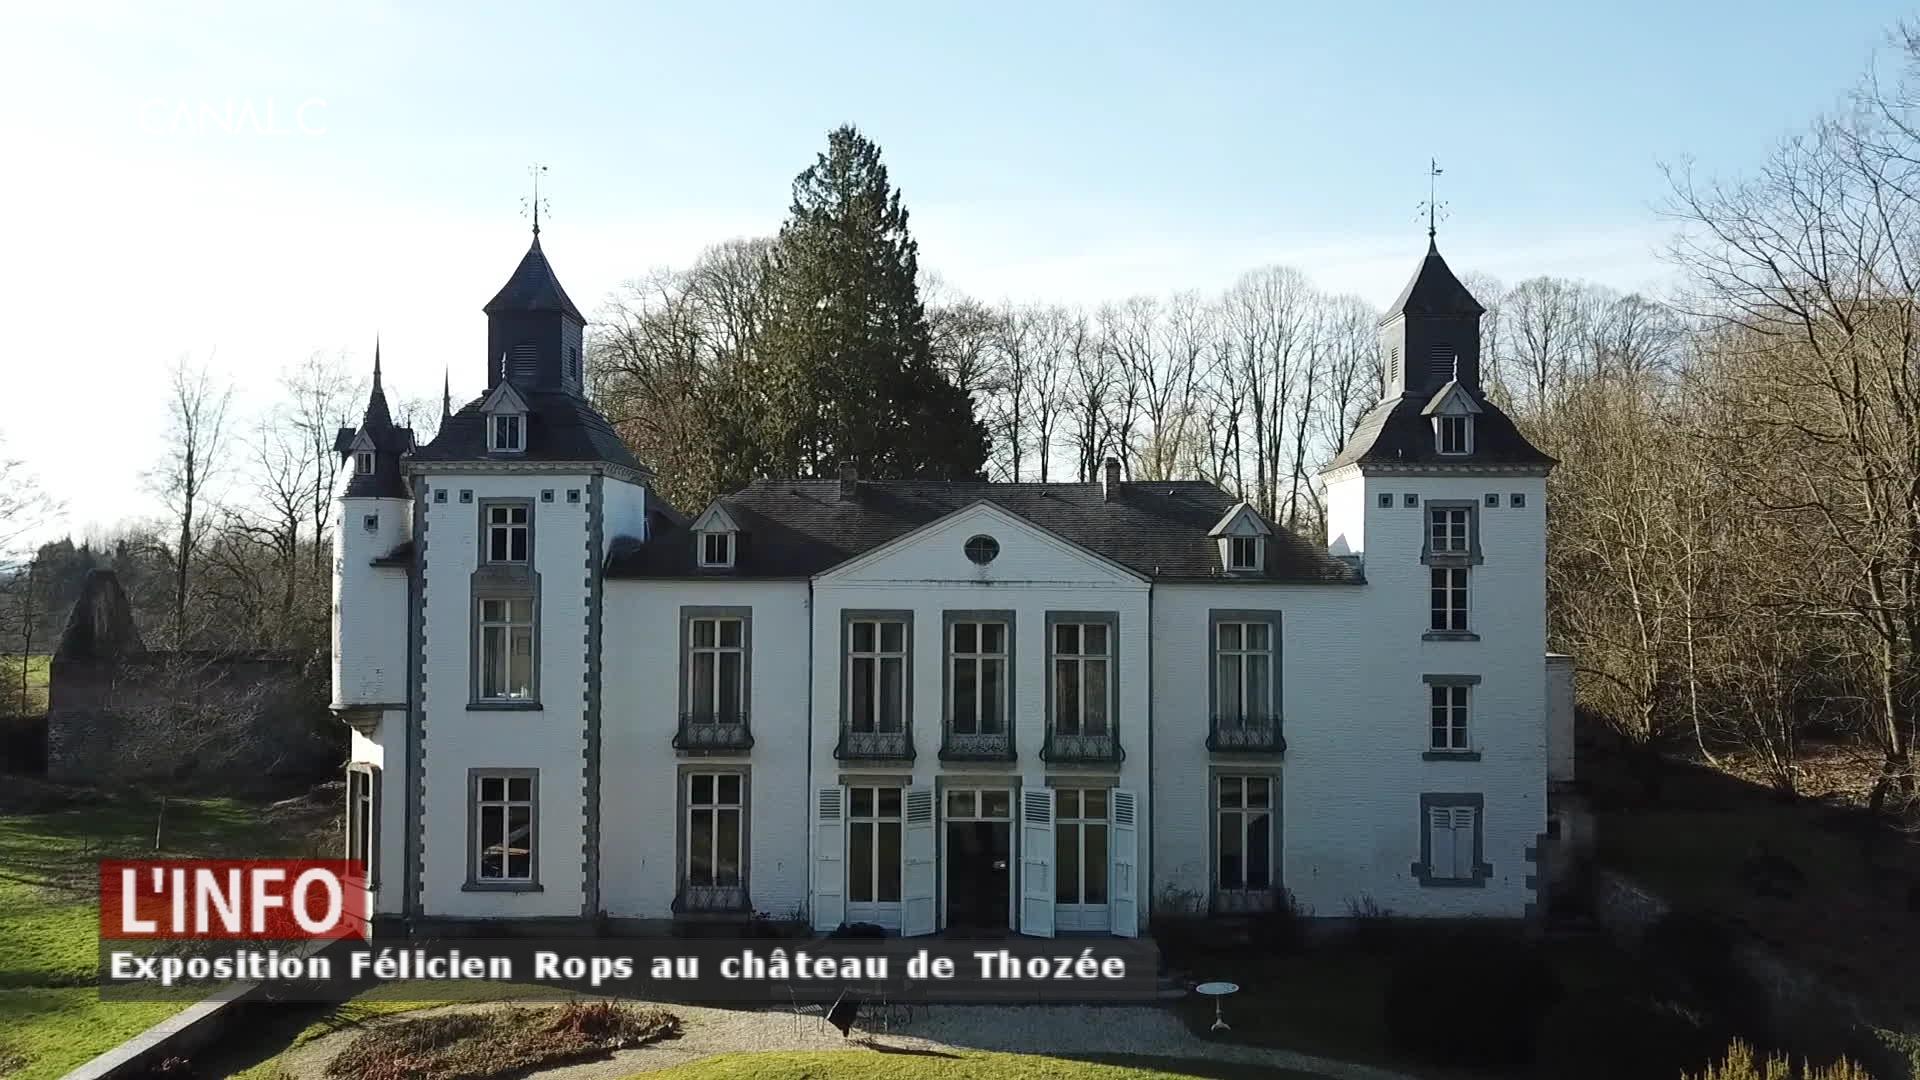 Le fantôme de Félicien Rops continue de hanter le château de Thozée